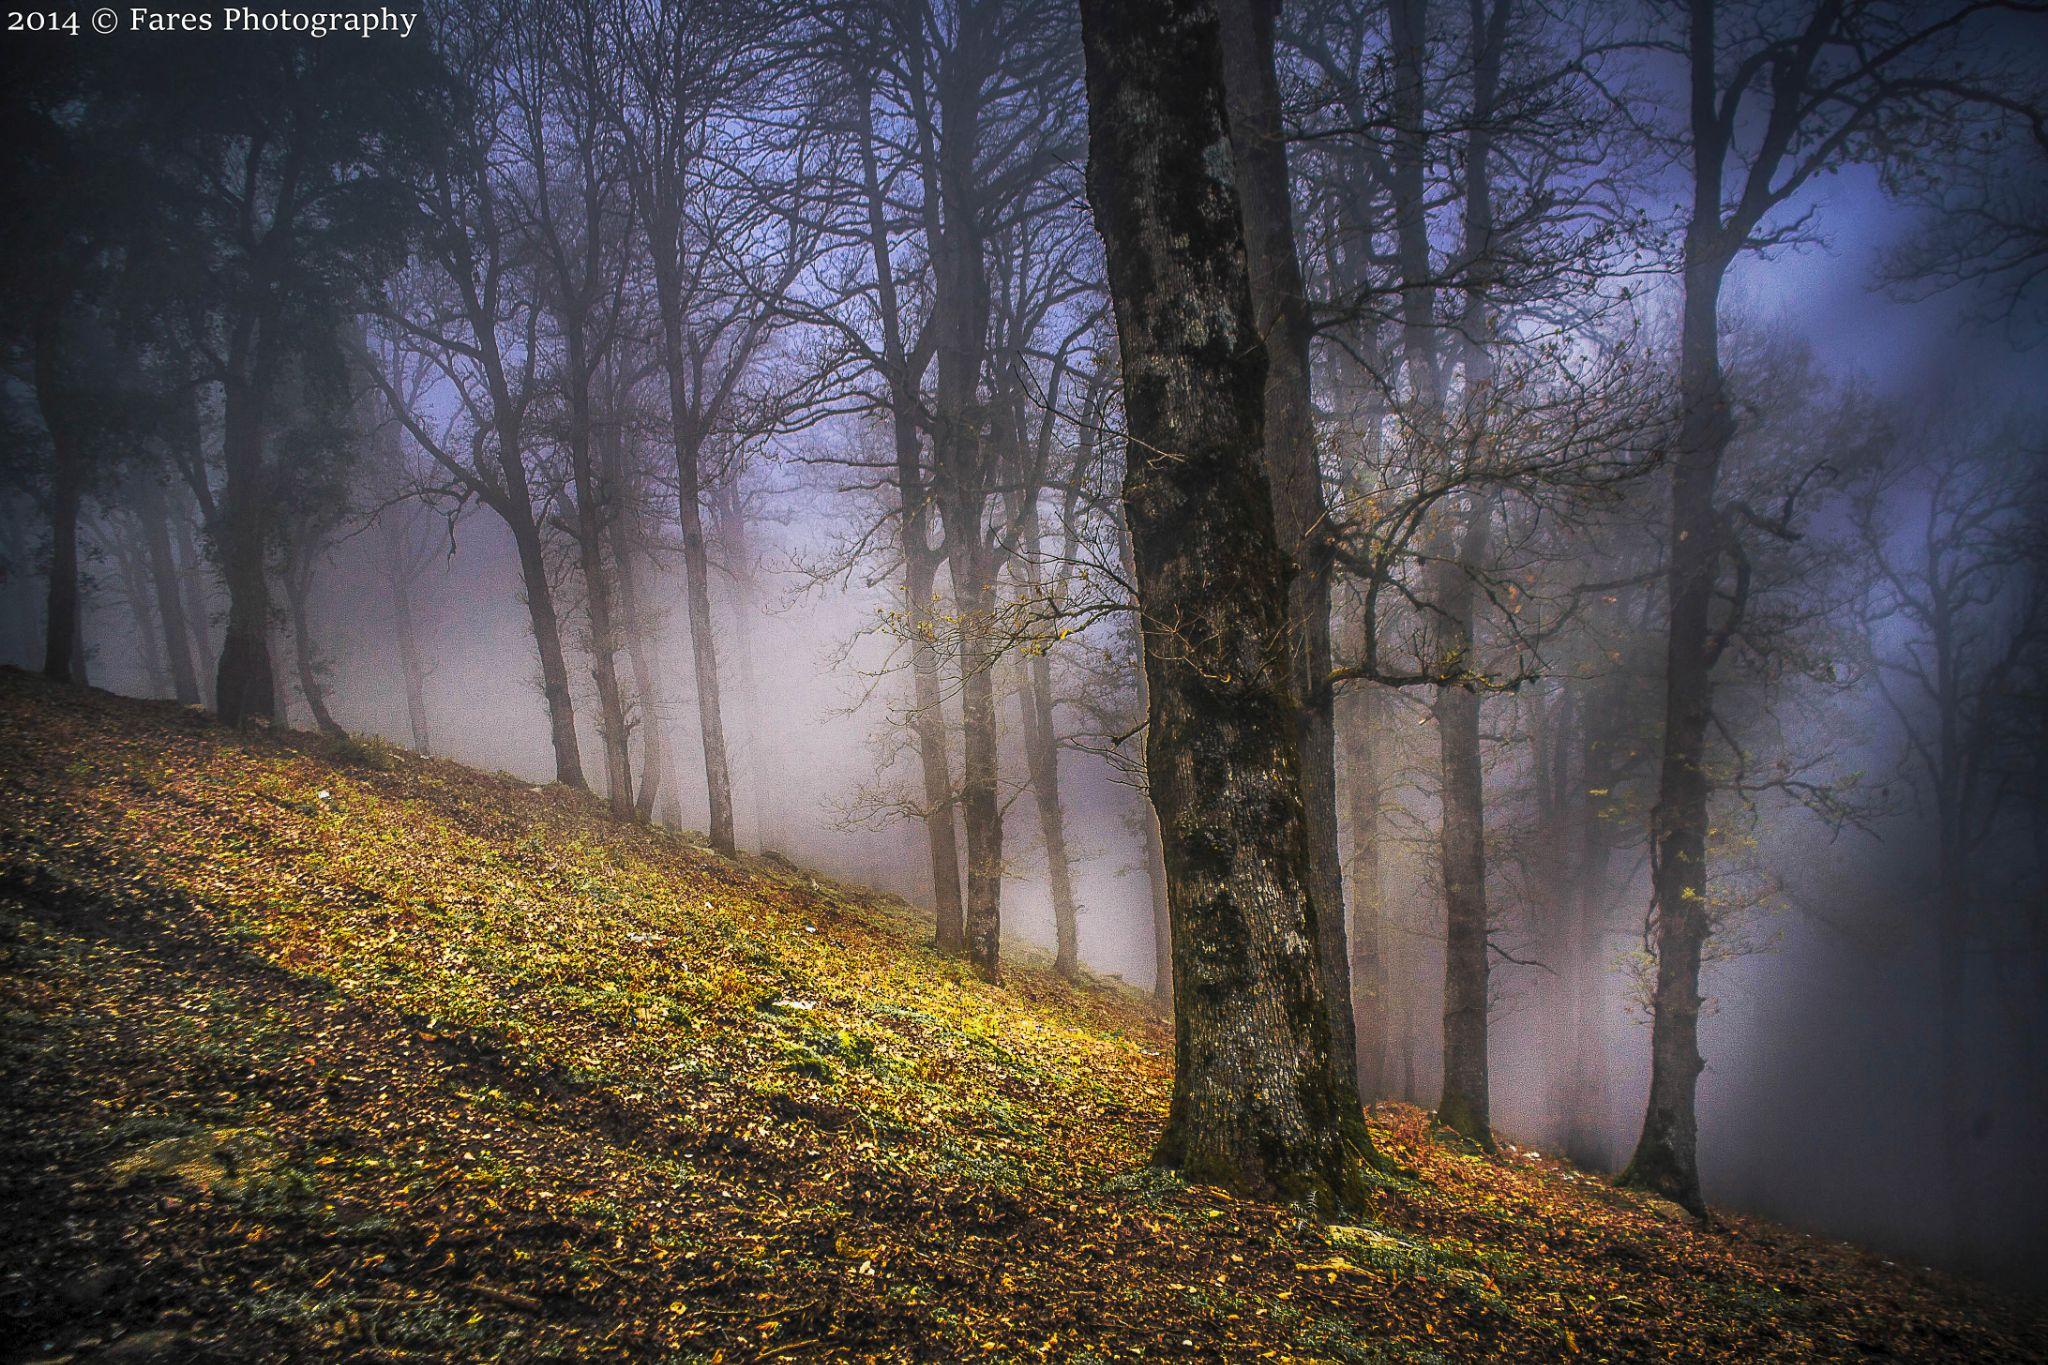 Brouillard  by Fares Annaba